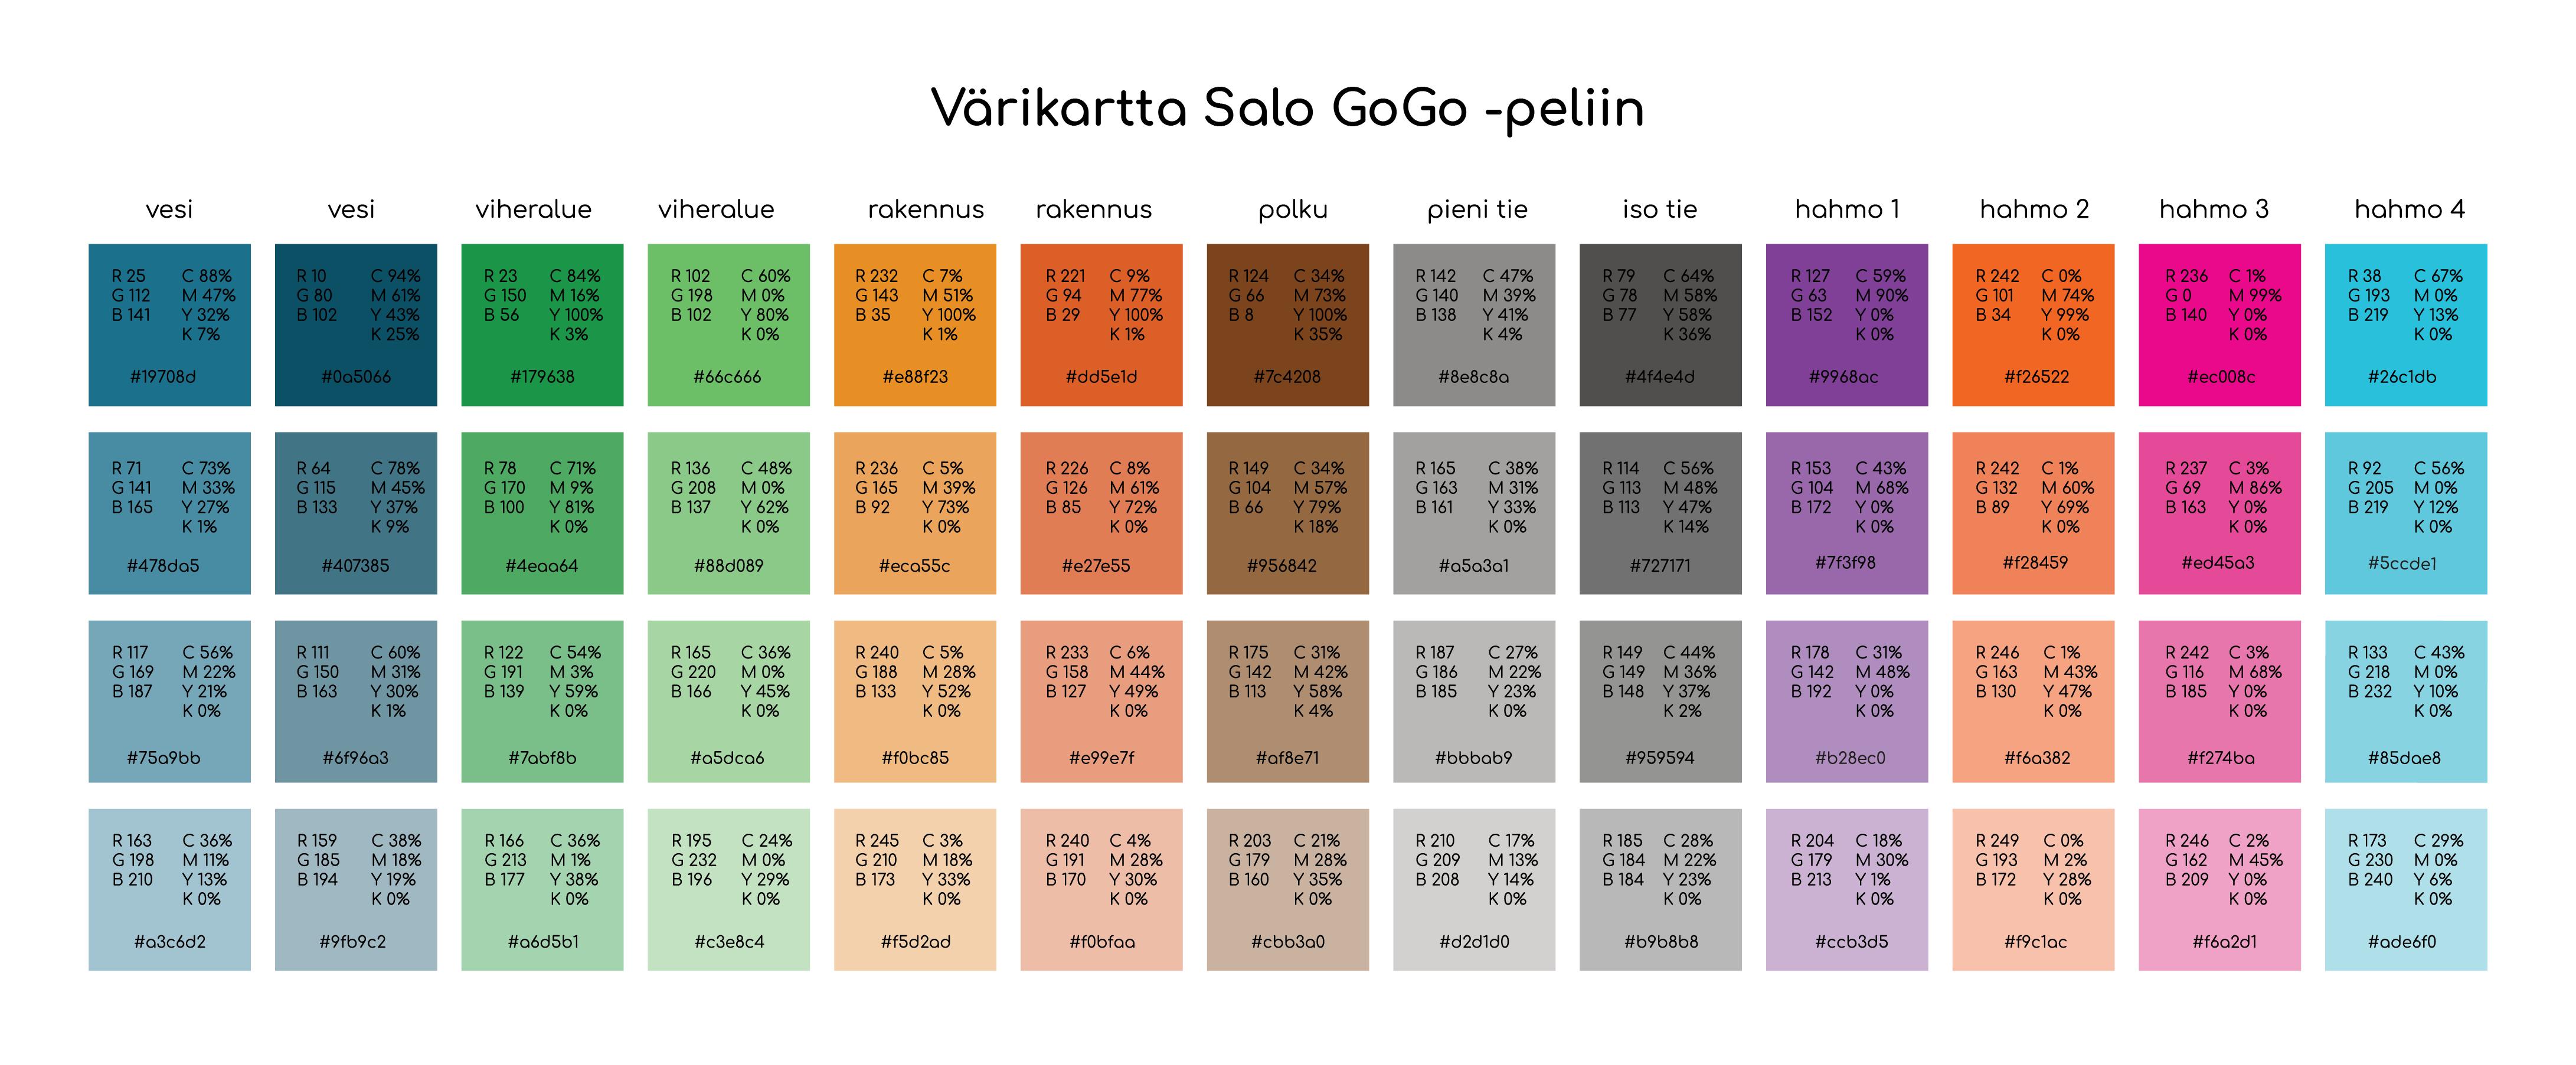 gogo_varikartta_blogi